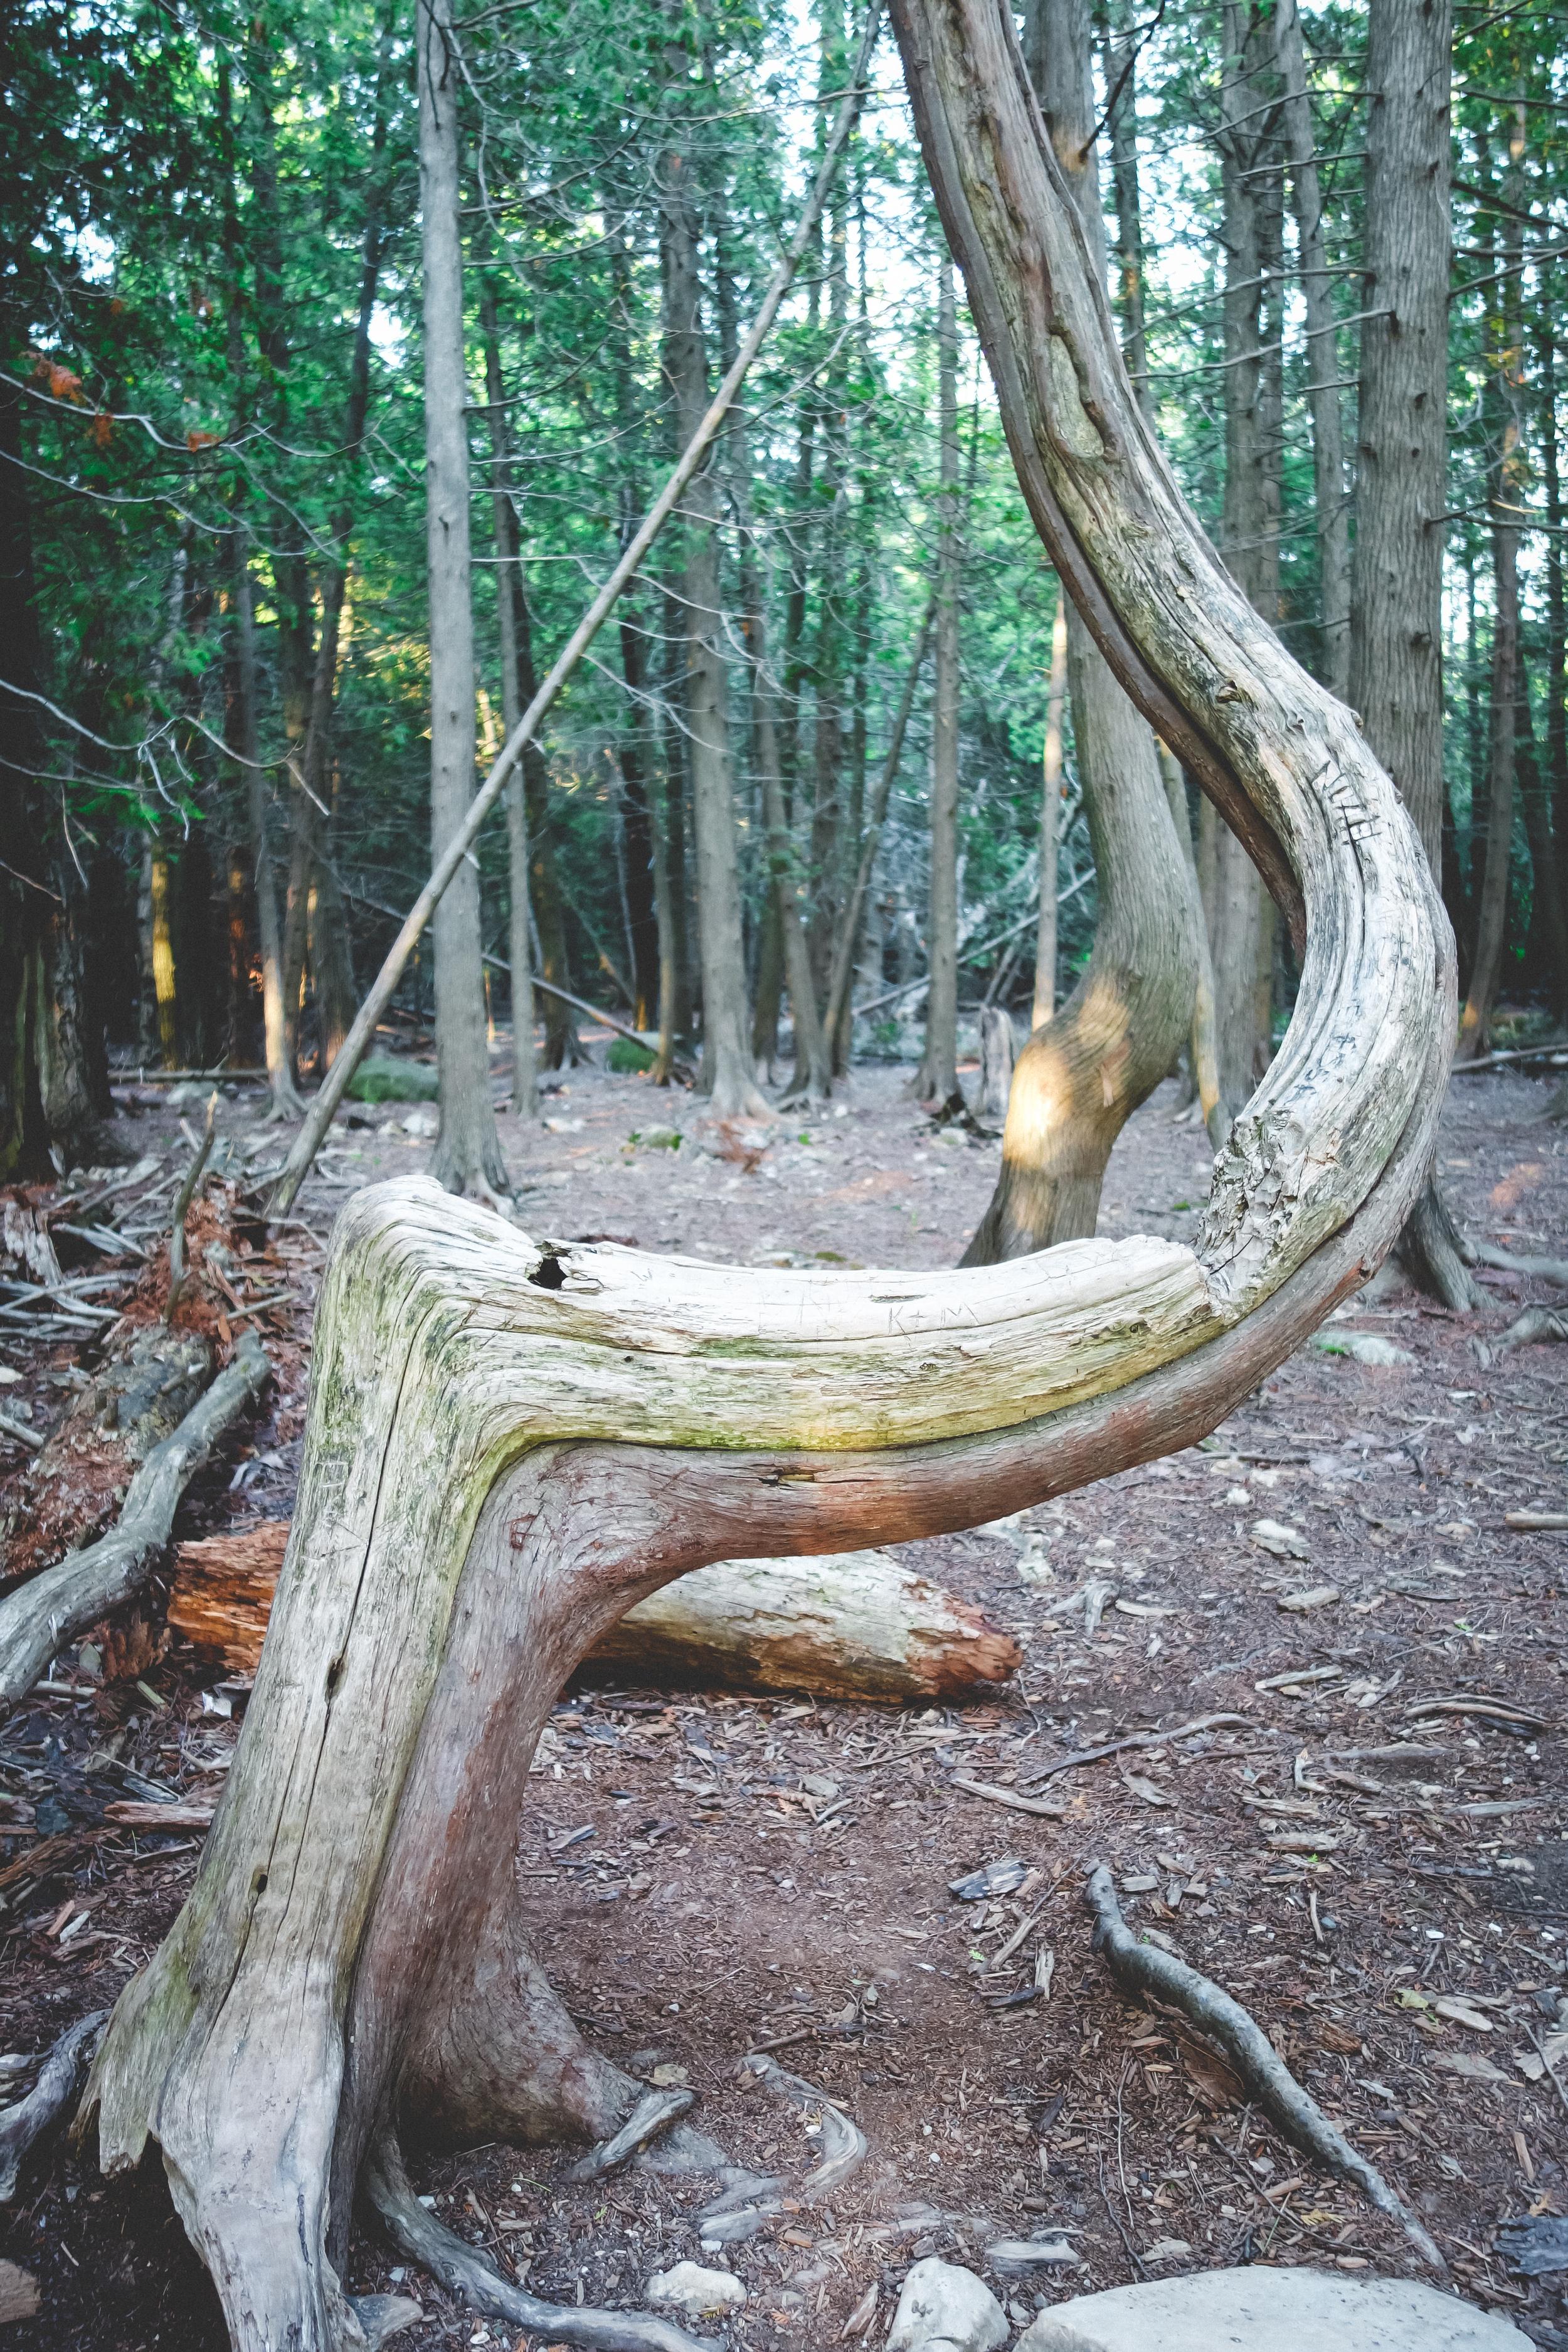 CyprusTrees-1.jpg